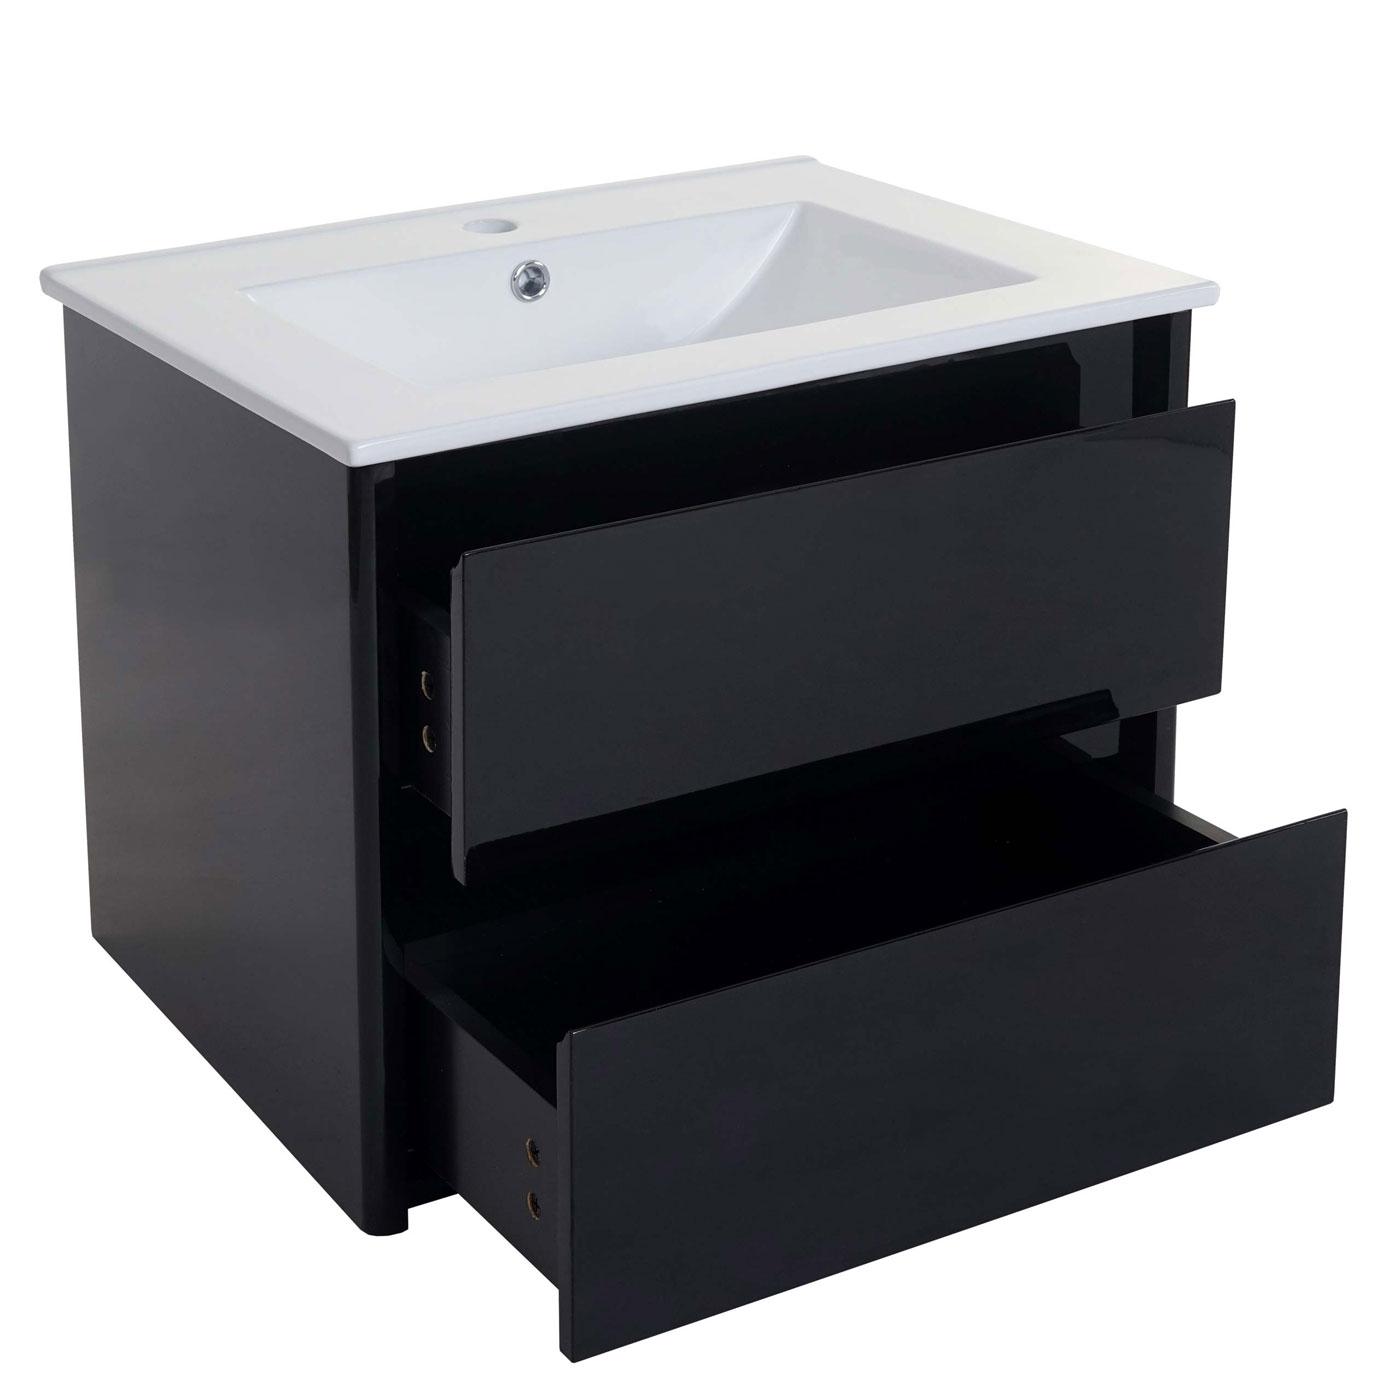 waschbeckenunterschrankset hwc b19 waschbecken waschtisch badezimmer hochglanz 50x60cm schwarz. Black Bedroom Furniture Sets. Home Design Ideas